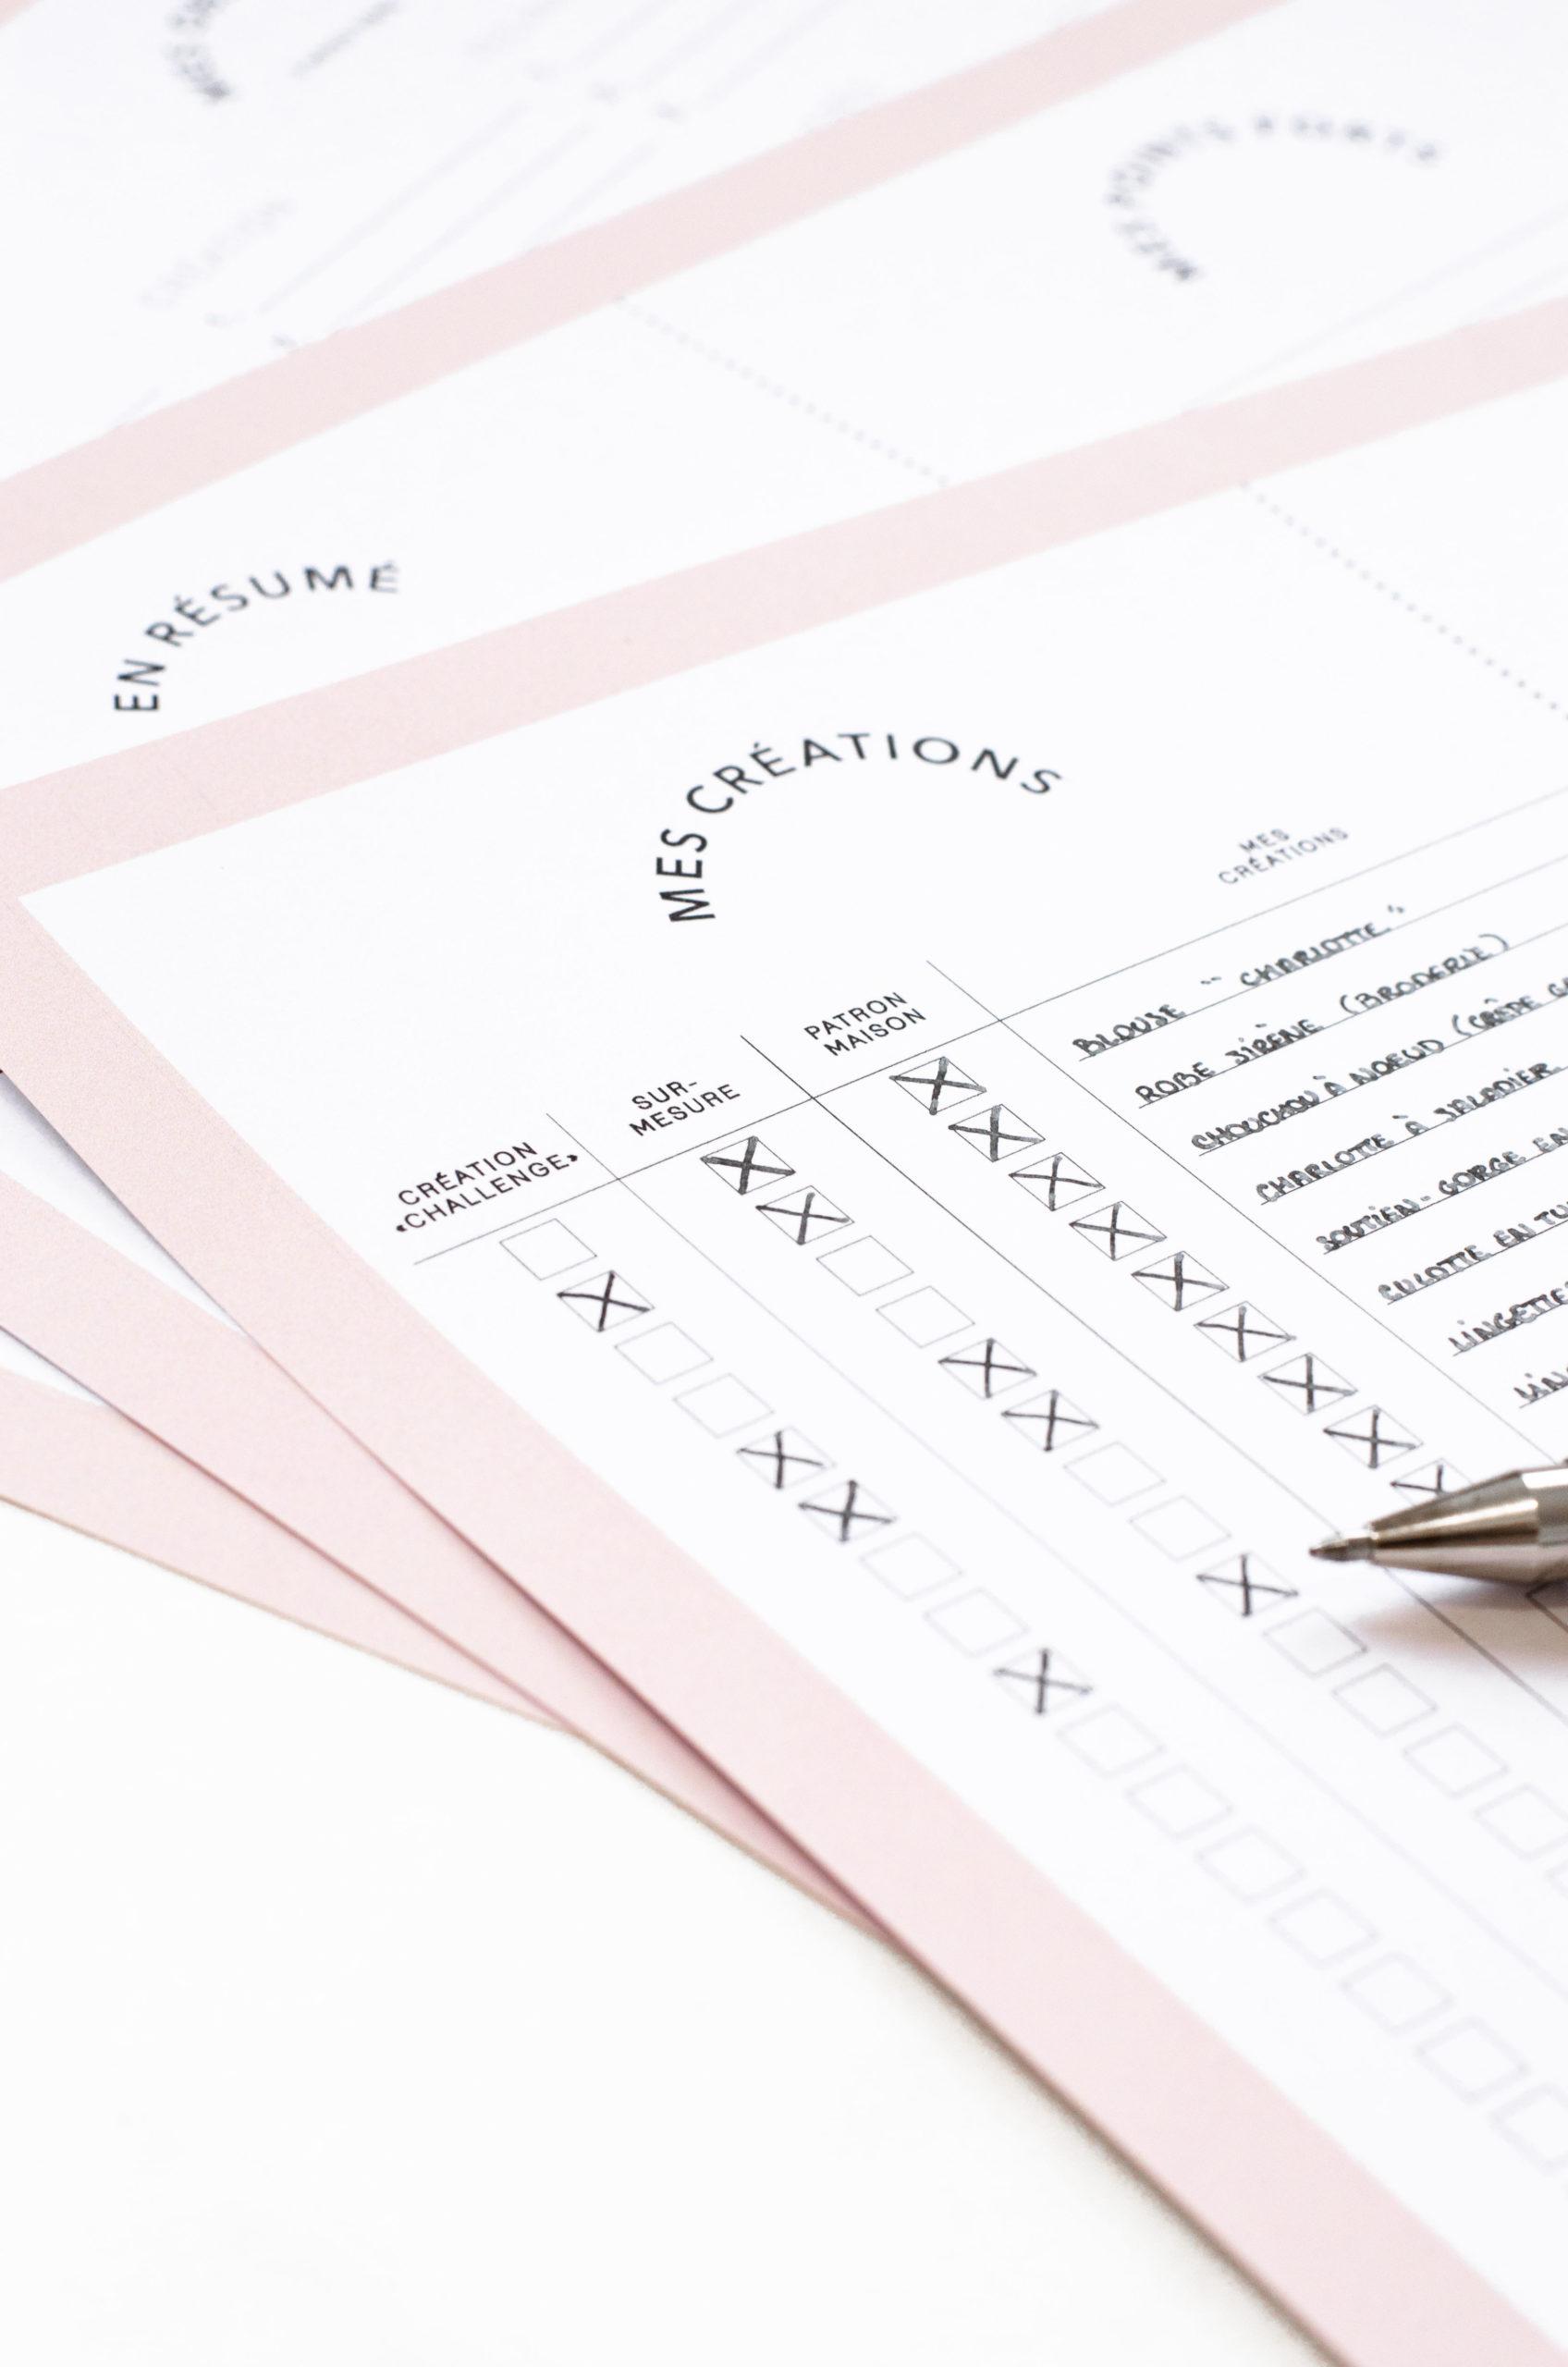 Faire un bilan couture : pourquoi et comment le faire ?